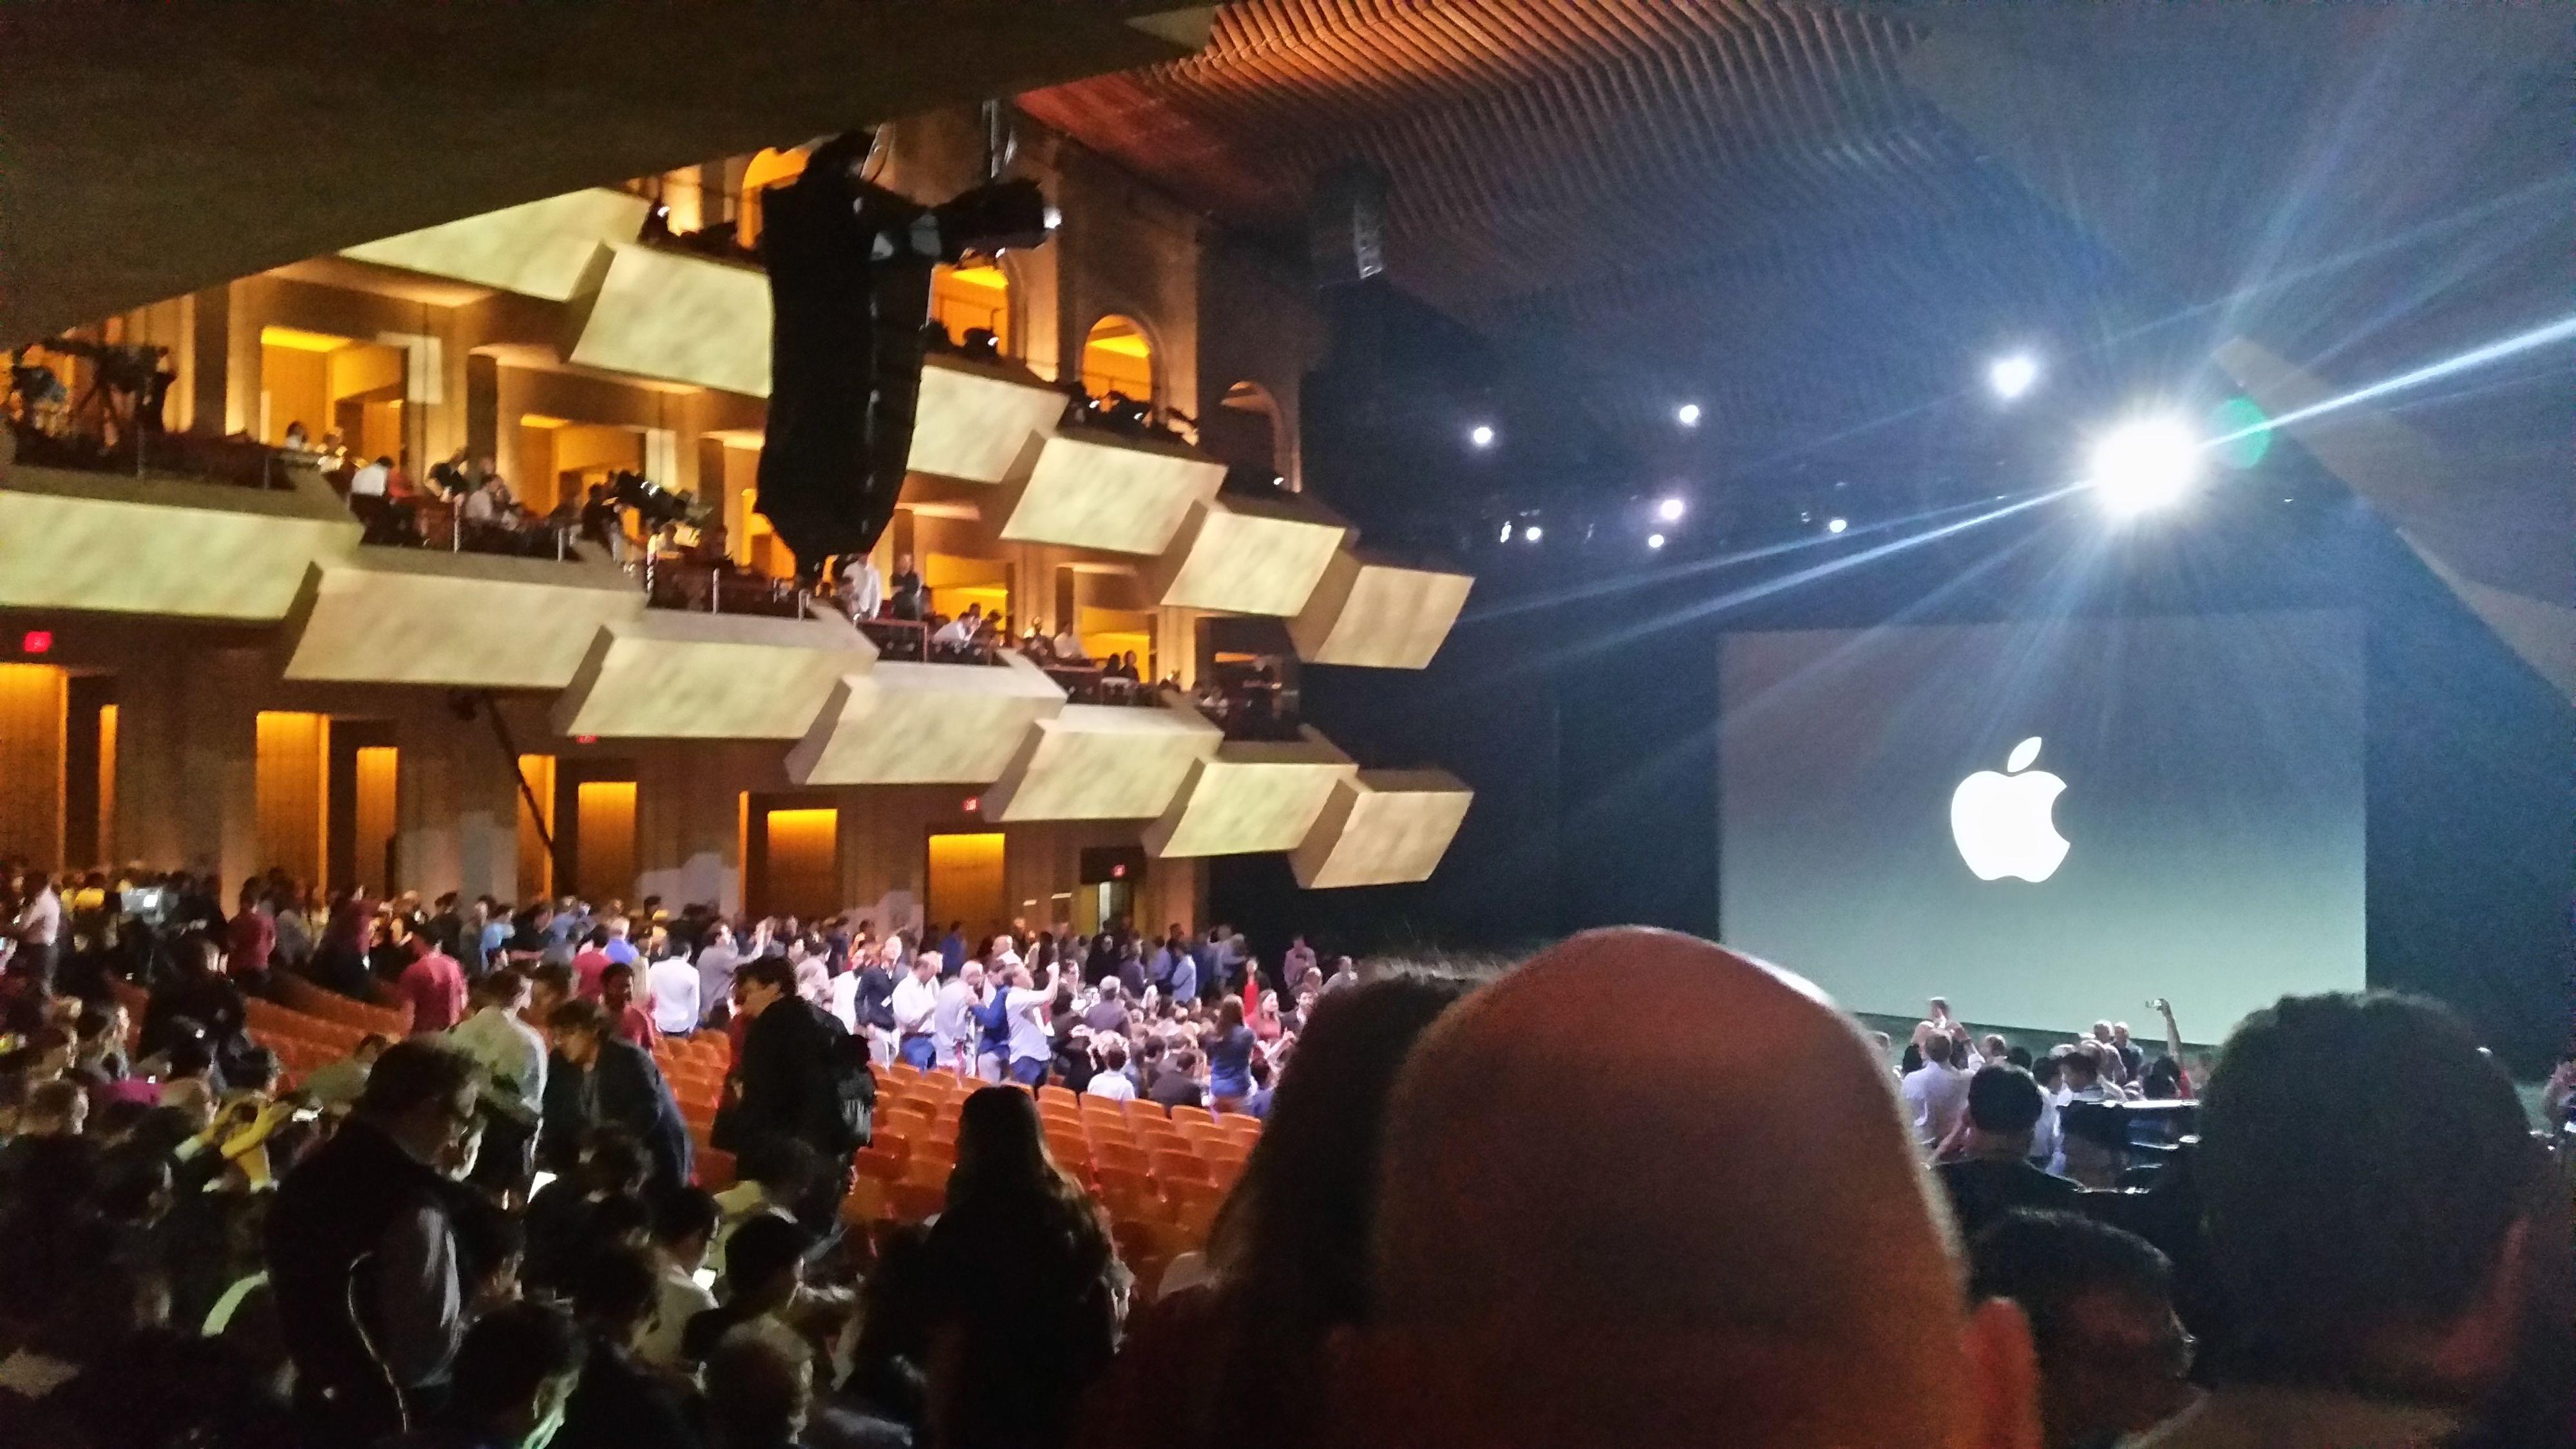 Nå sitter vi i salen, klare for at Tim Cook skal sette igang.Foto: Apple